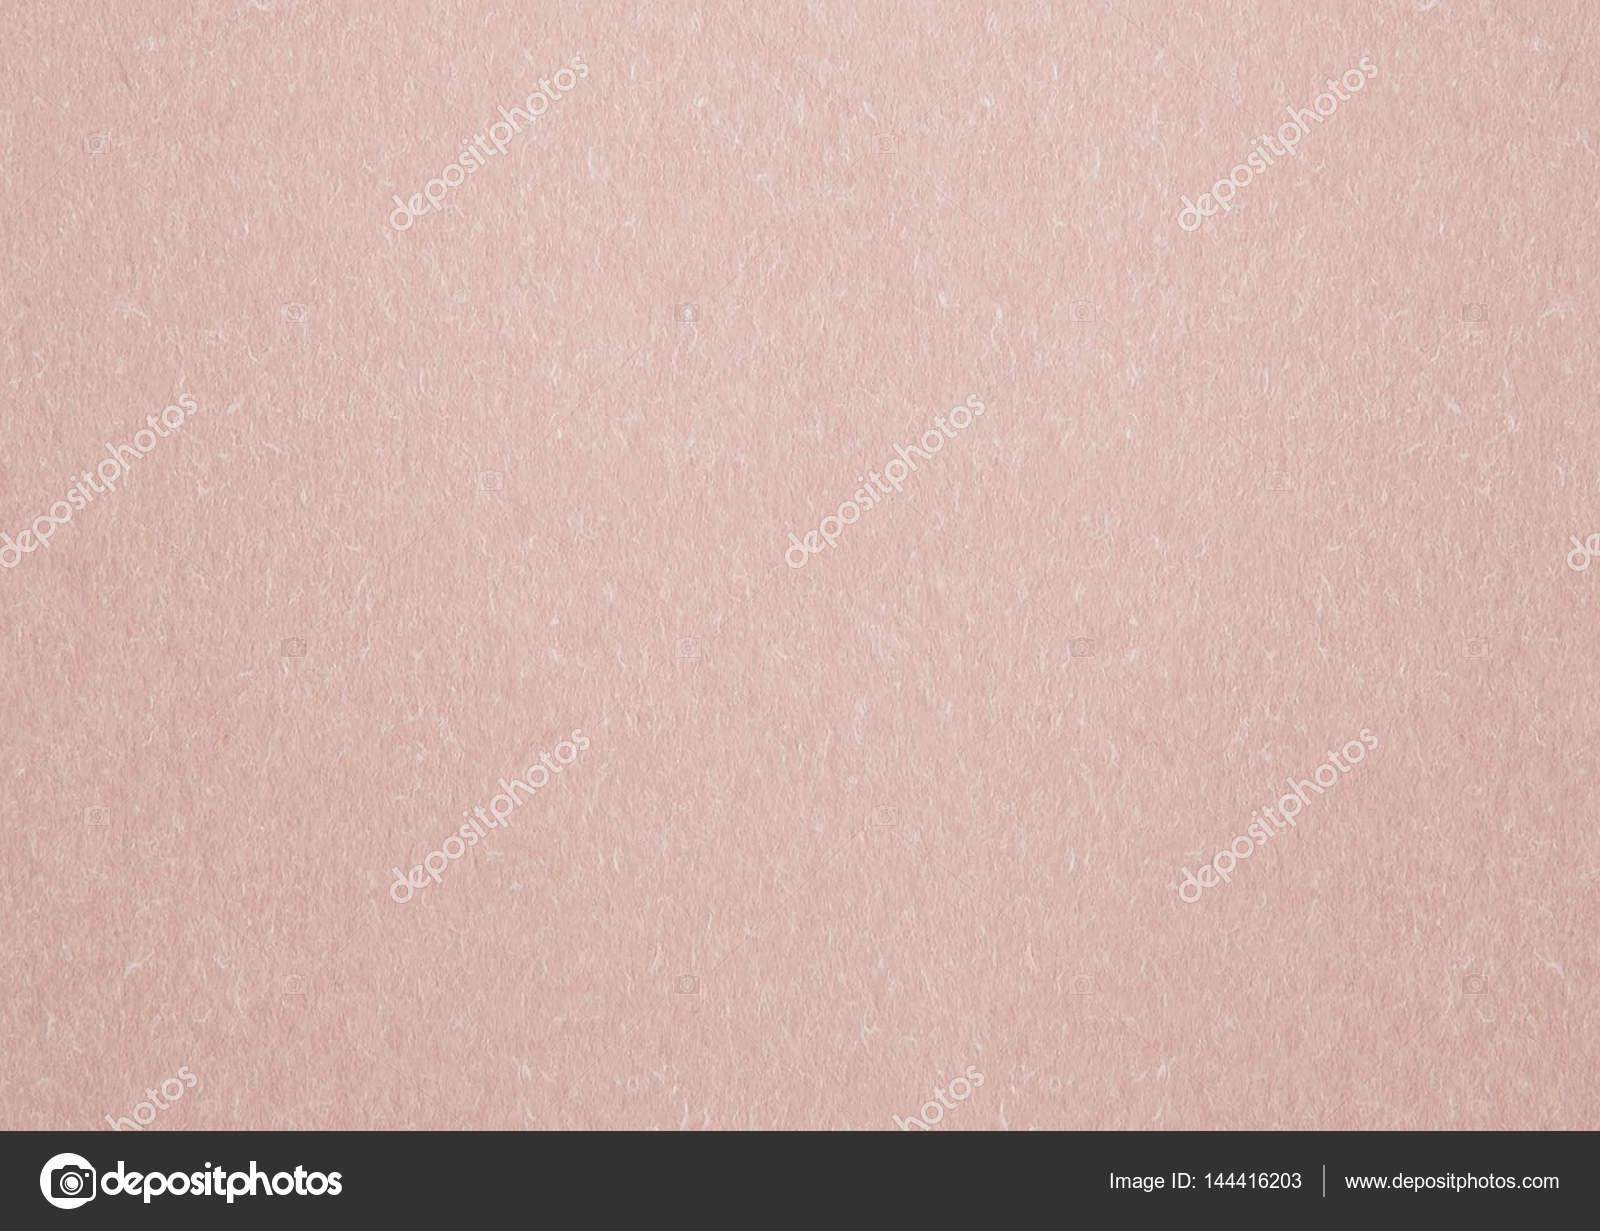 Farbverlauf Pastell Apricot Japaner Verpackung Papier Hintergrund